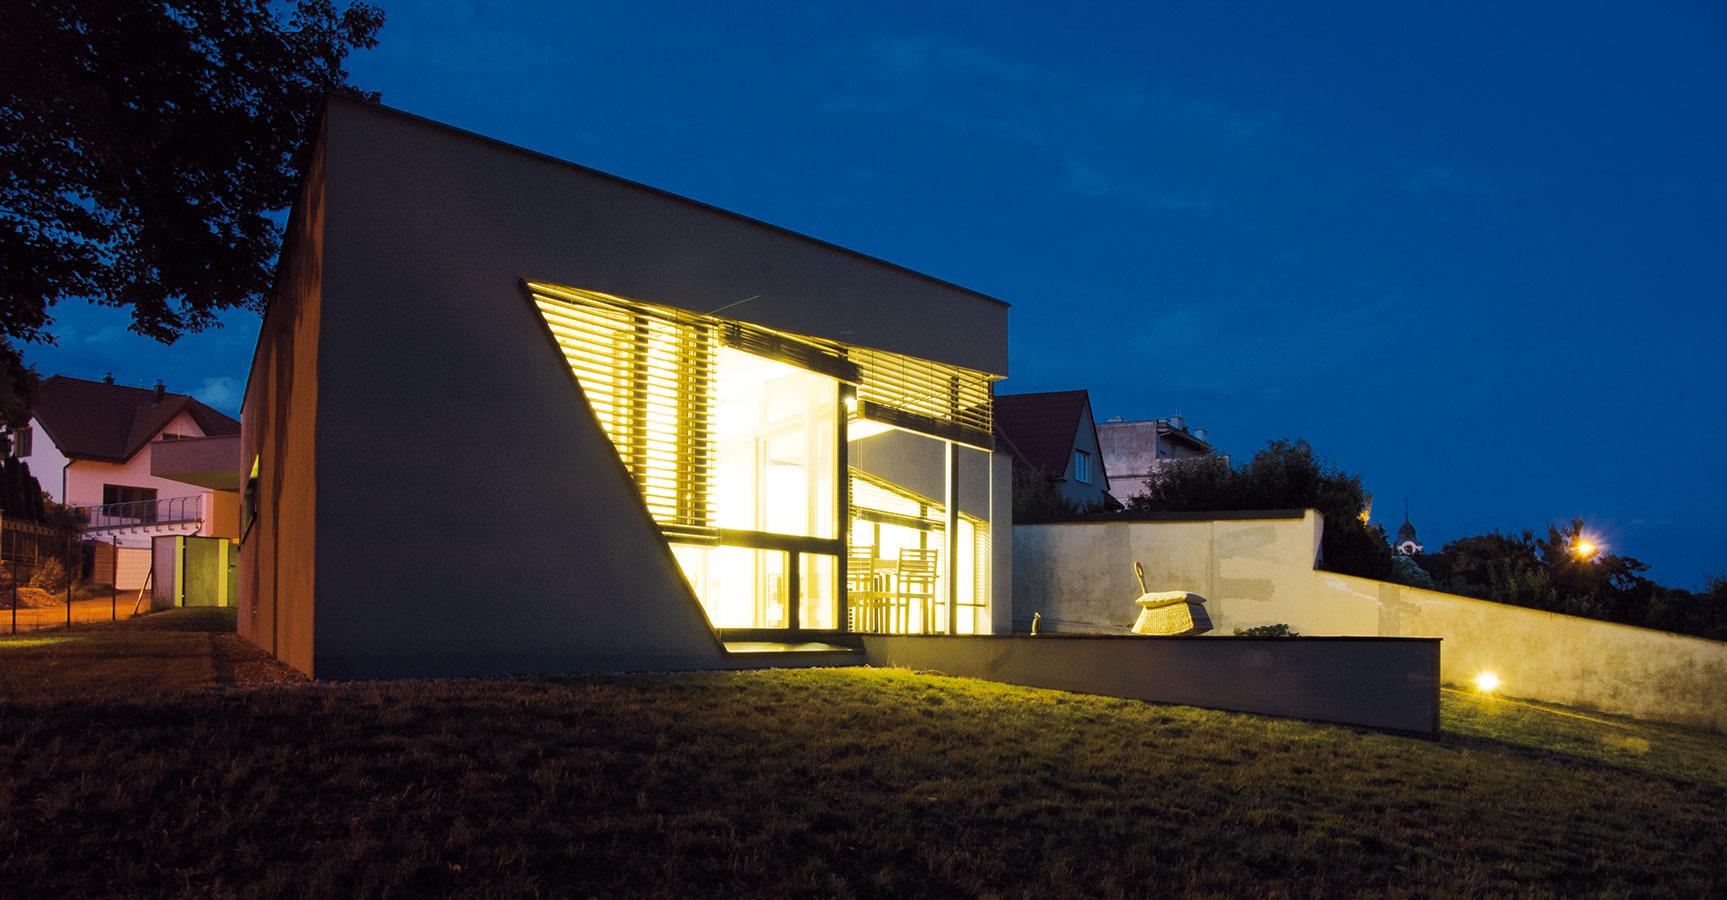 Dva noční pohledy na dům ilustrují, že jeho krása vynikne nejen za denního světla. Foto: ivestor